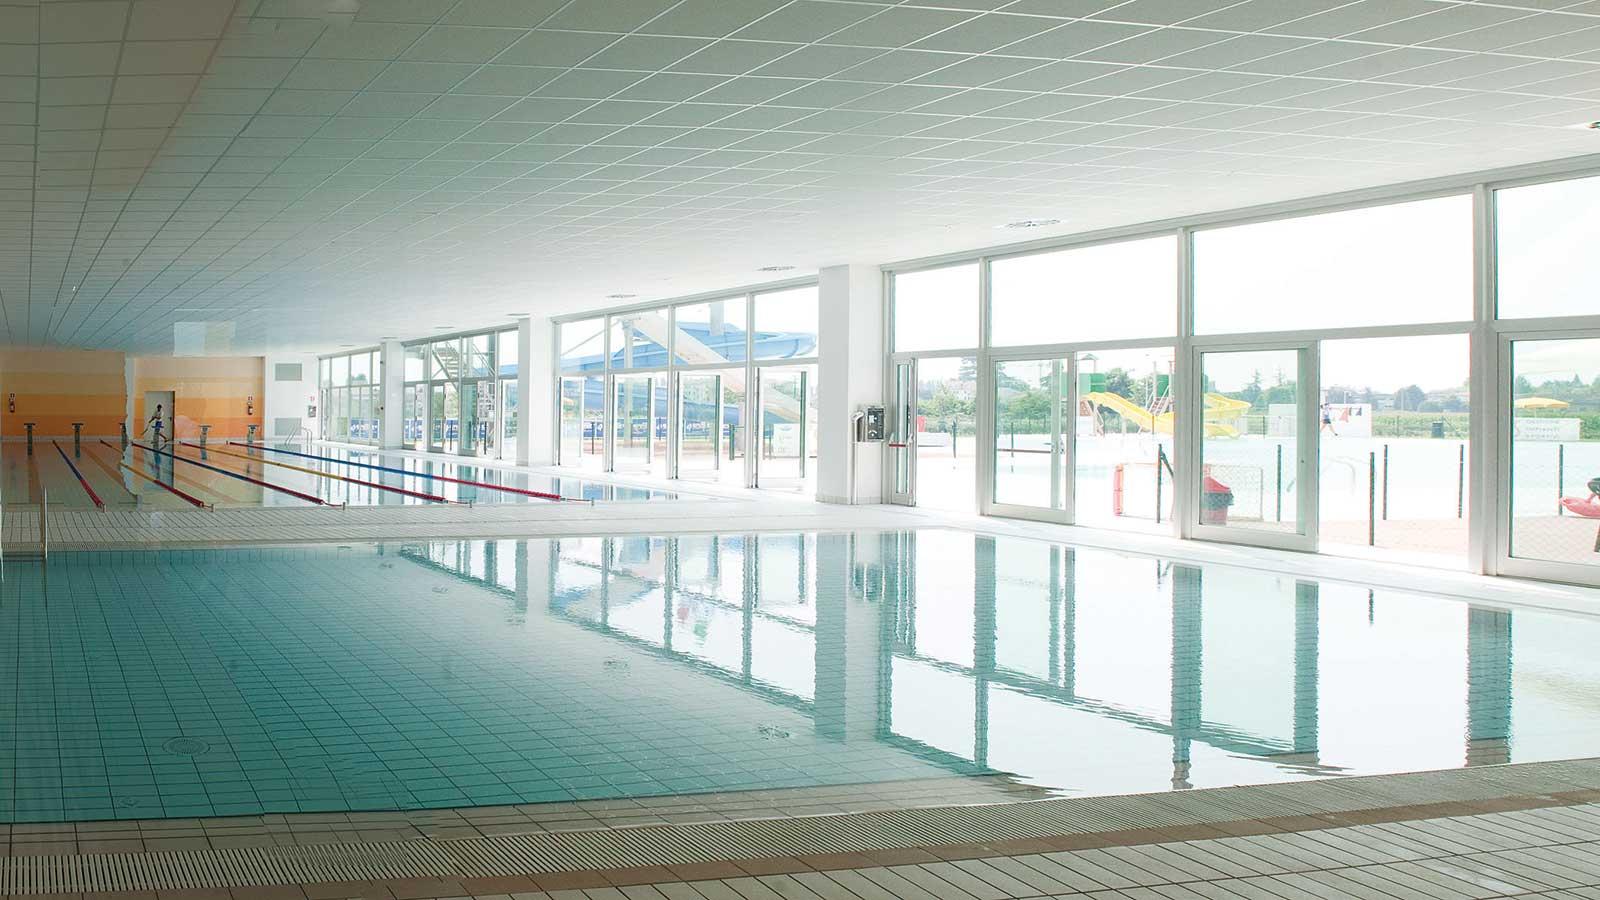 Costruzioni Tieni 1836 Srl | Lavori | Project financing per realizzazione e gestione del nuovo centro natatorio e bocciodromo a Isola della Scala (VR)